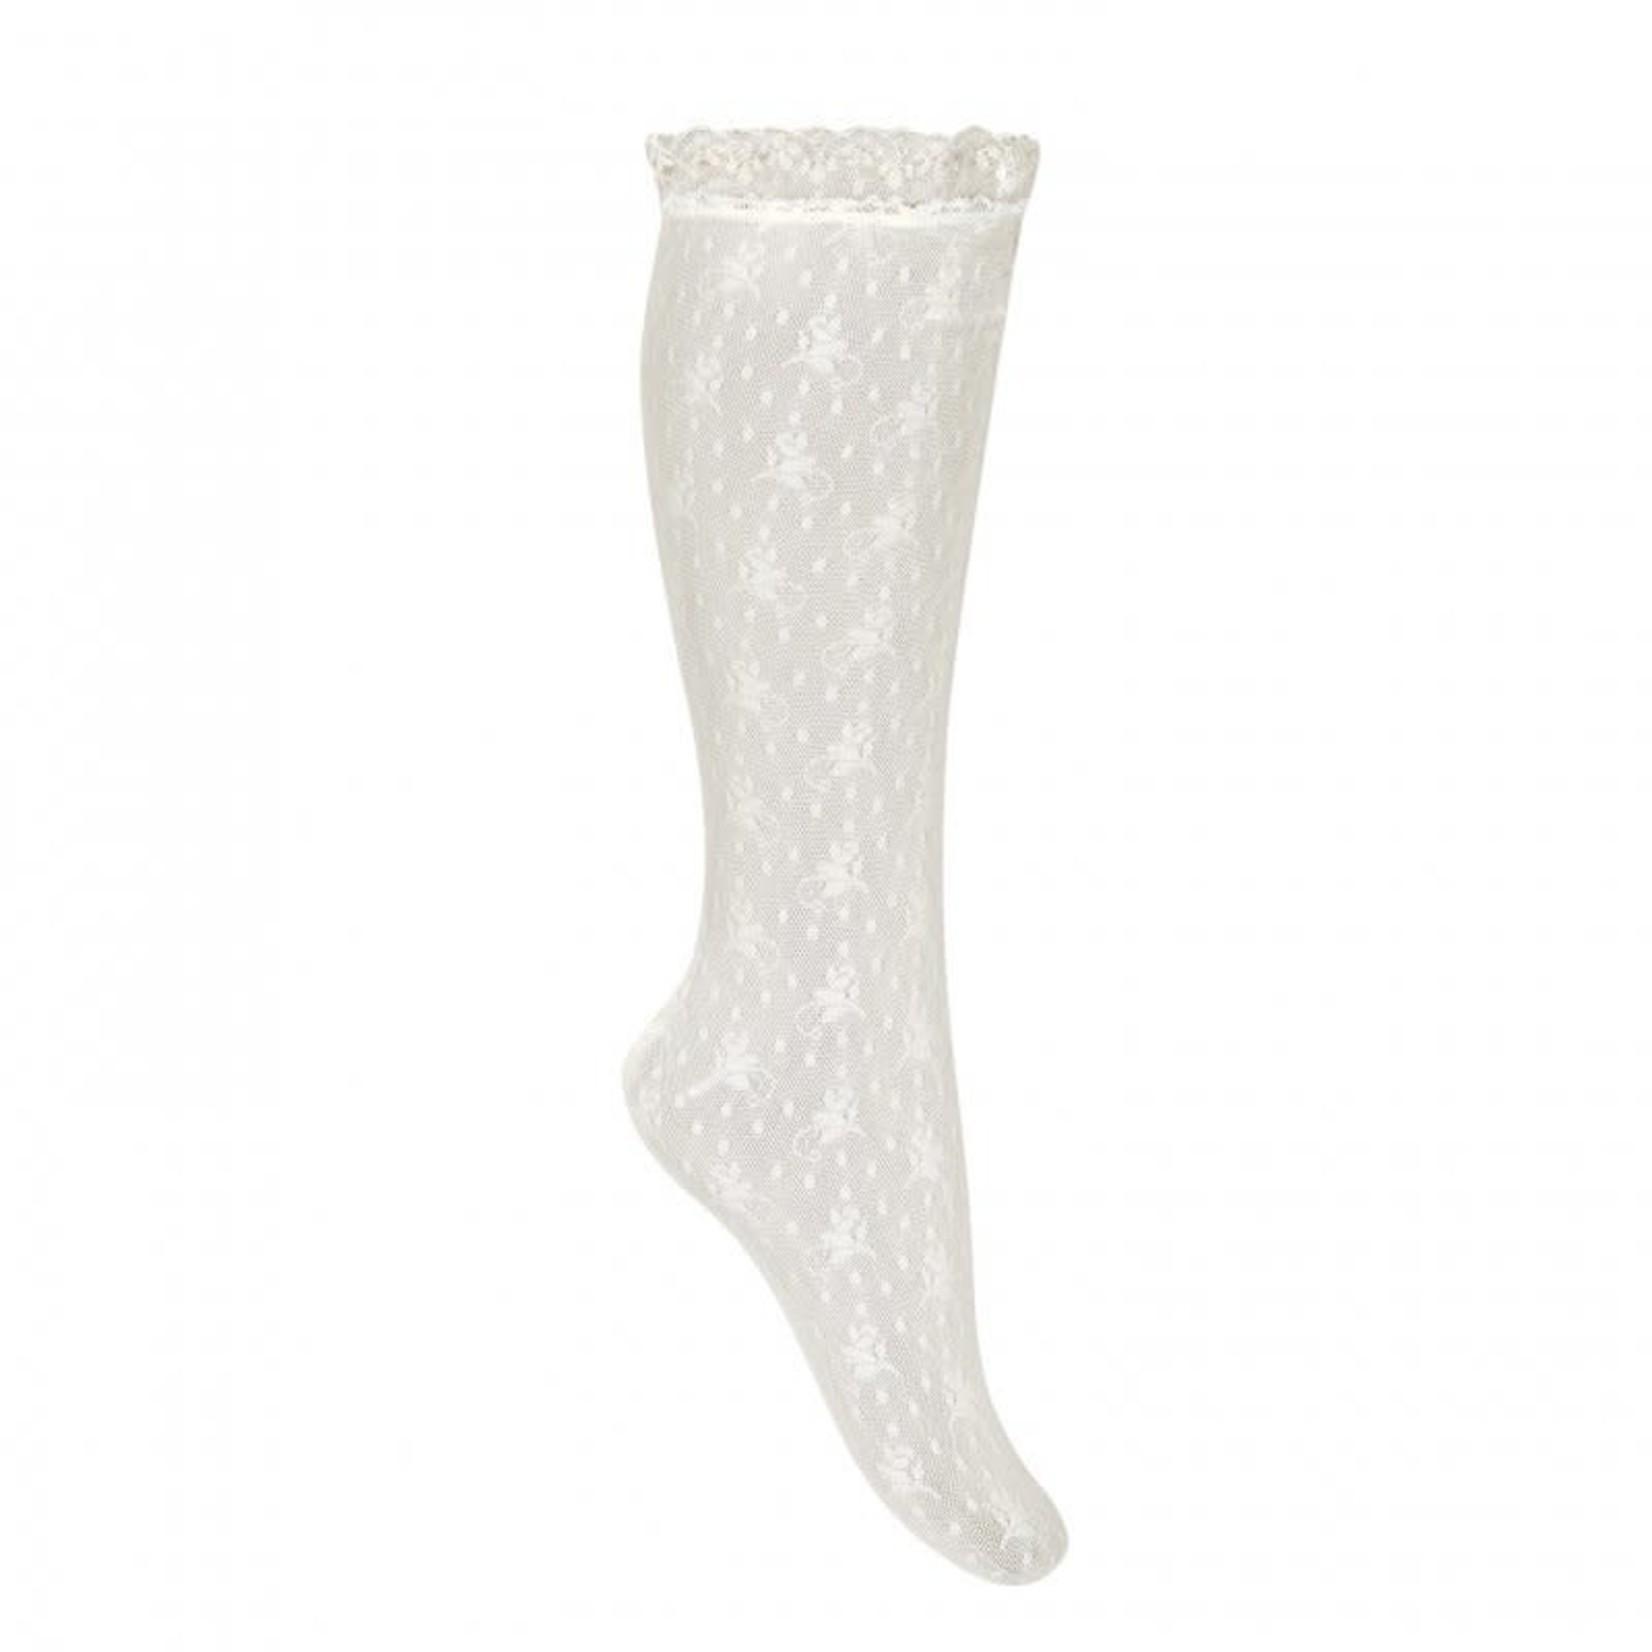 Condor Lace Socks - Cava